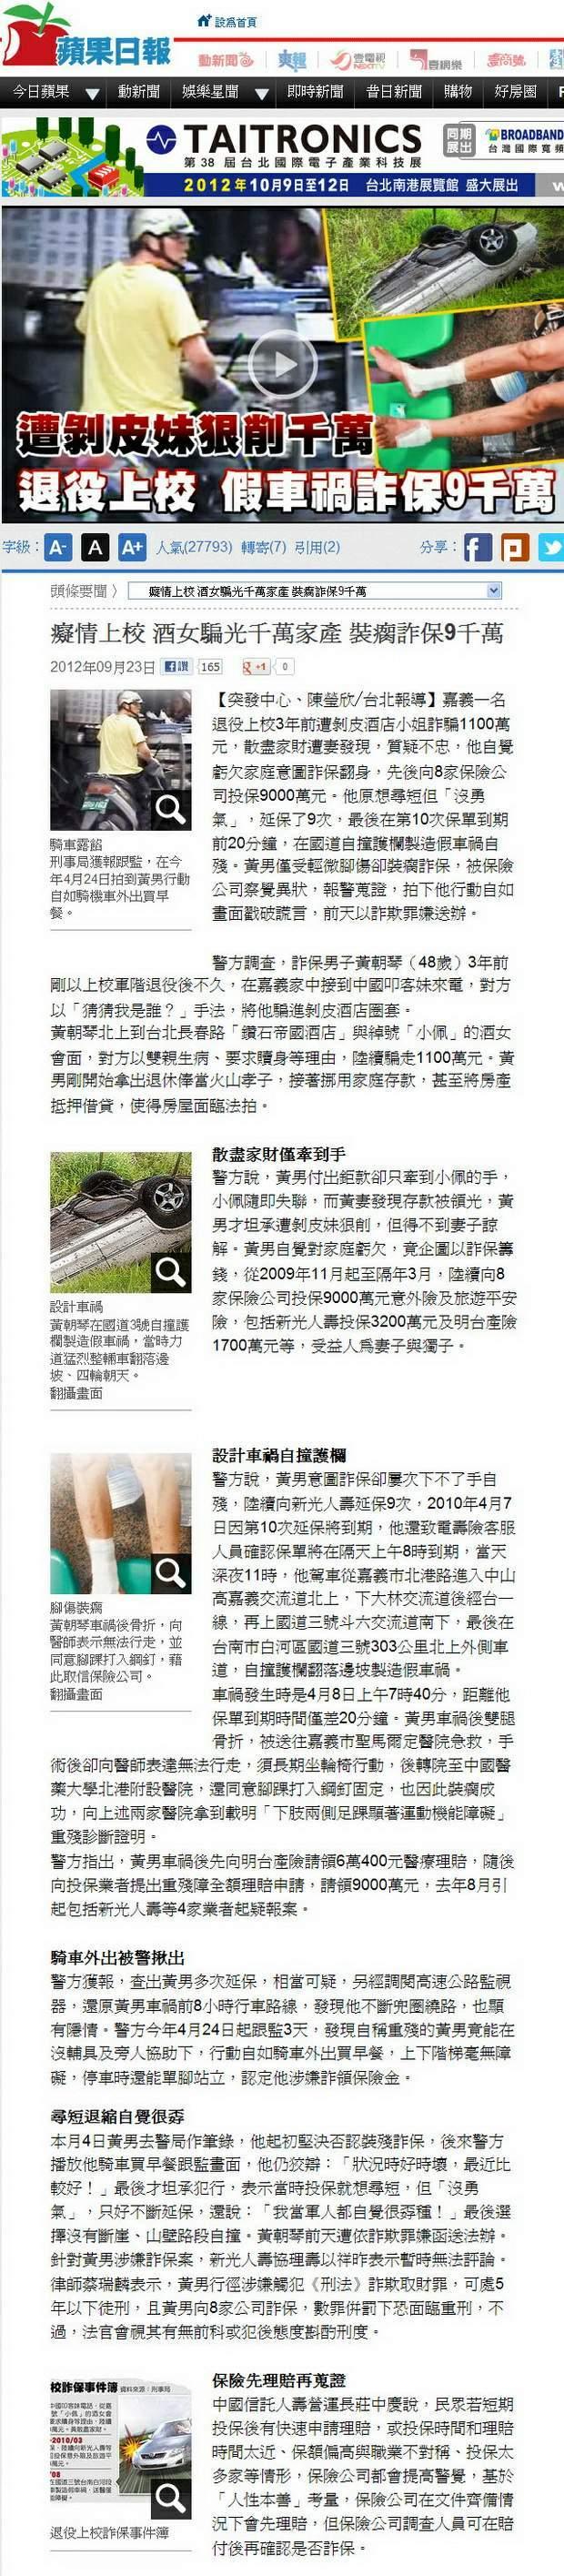 癡情上校 酒女騙光千萬家產 裝瘸詐保9千萬-2012.09.23